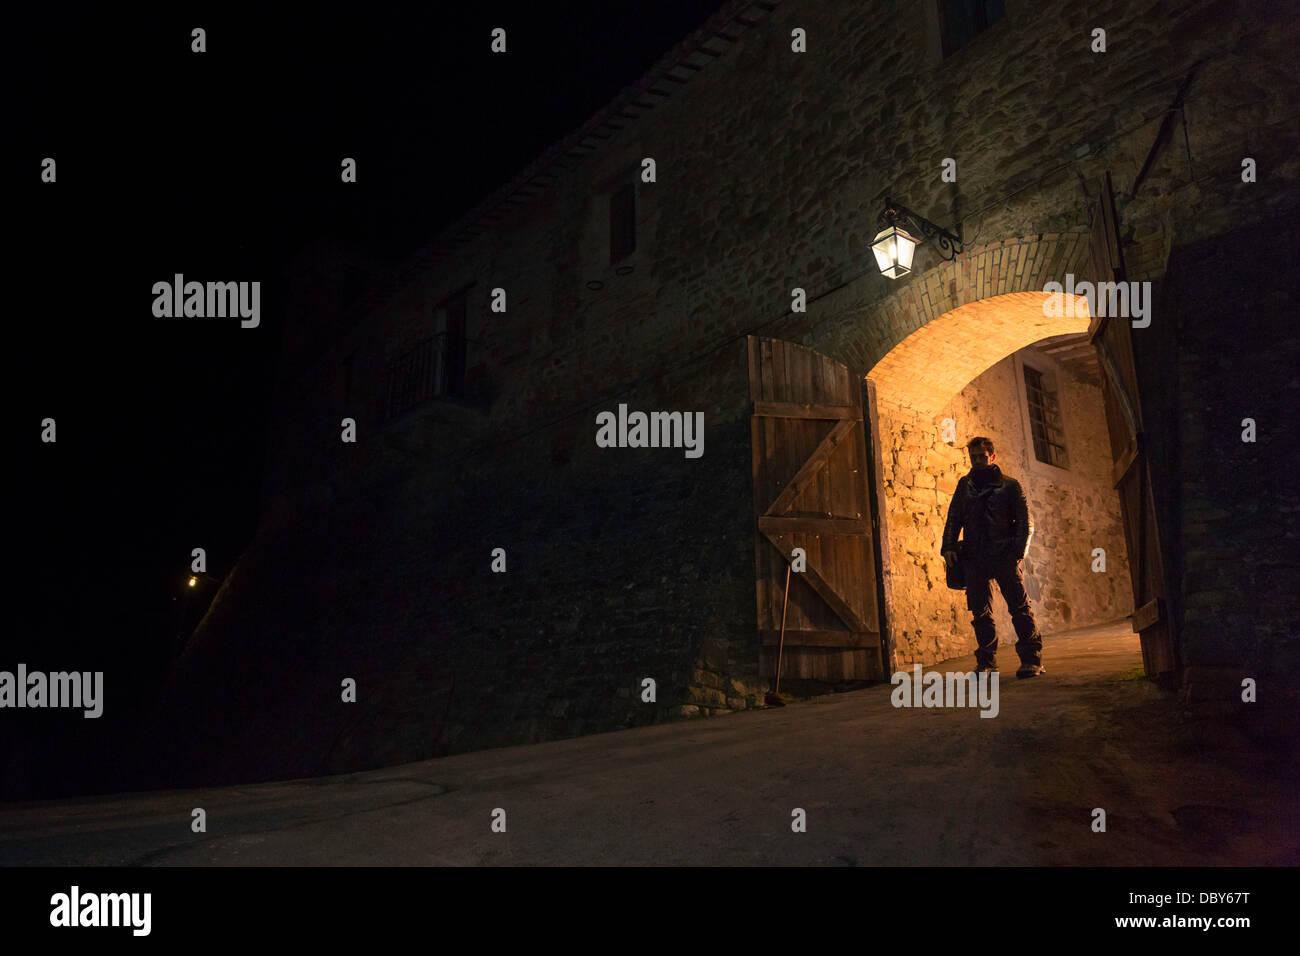 Uomo in piedi al di fuori della porta della città medioevale Immagini Stock